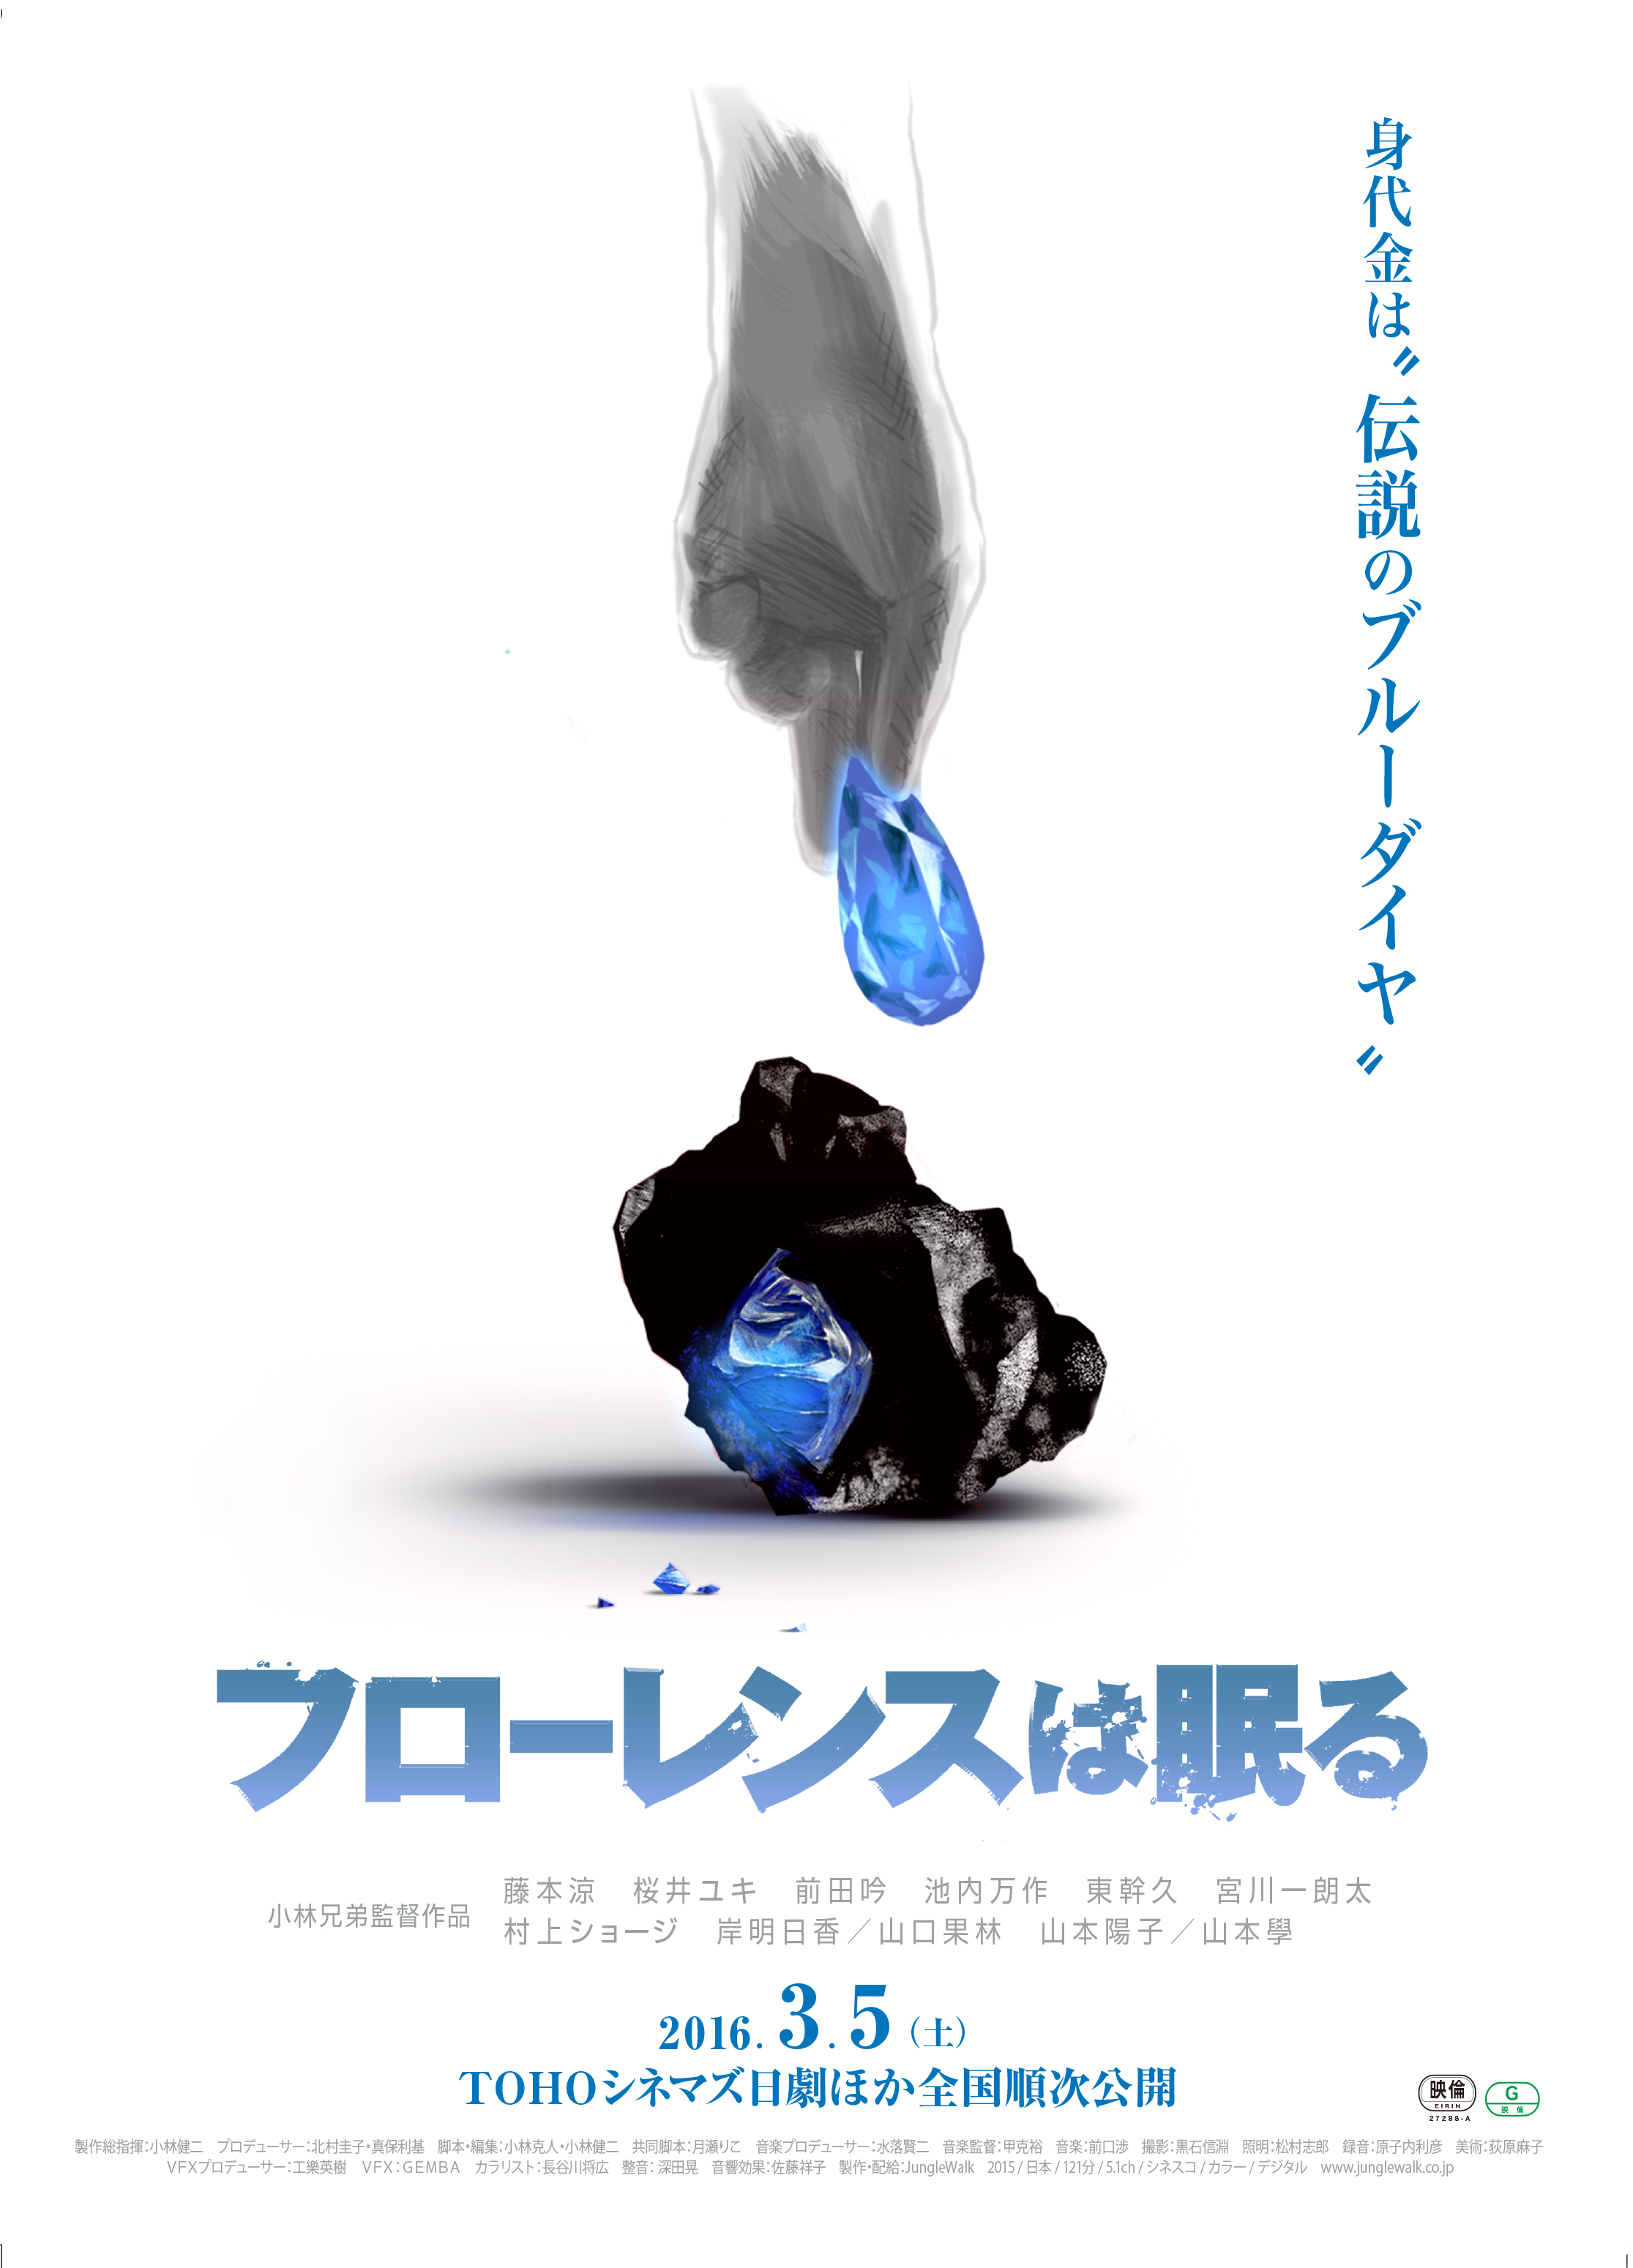 『フローレンスは眠る』 (C)2016 JungleWalk Co., Ltd.